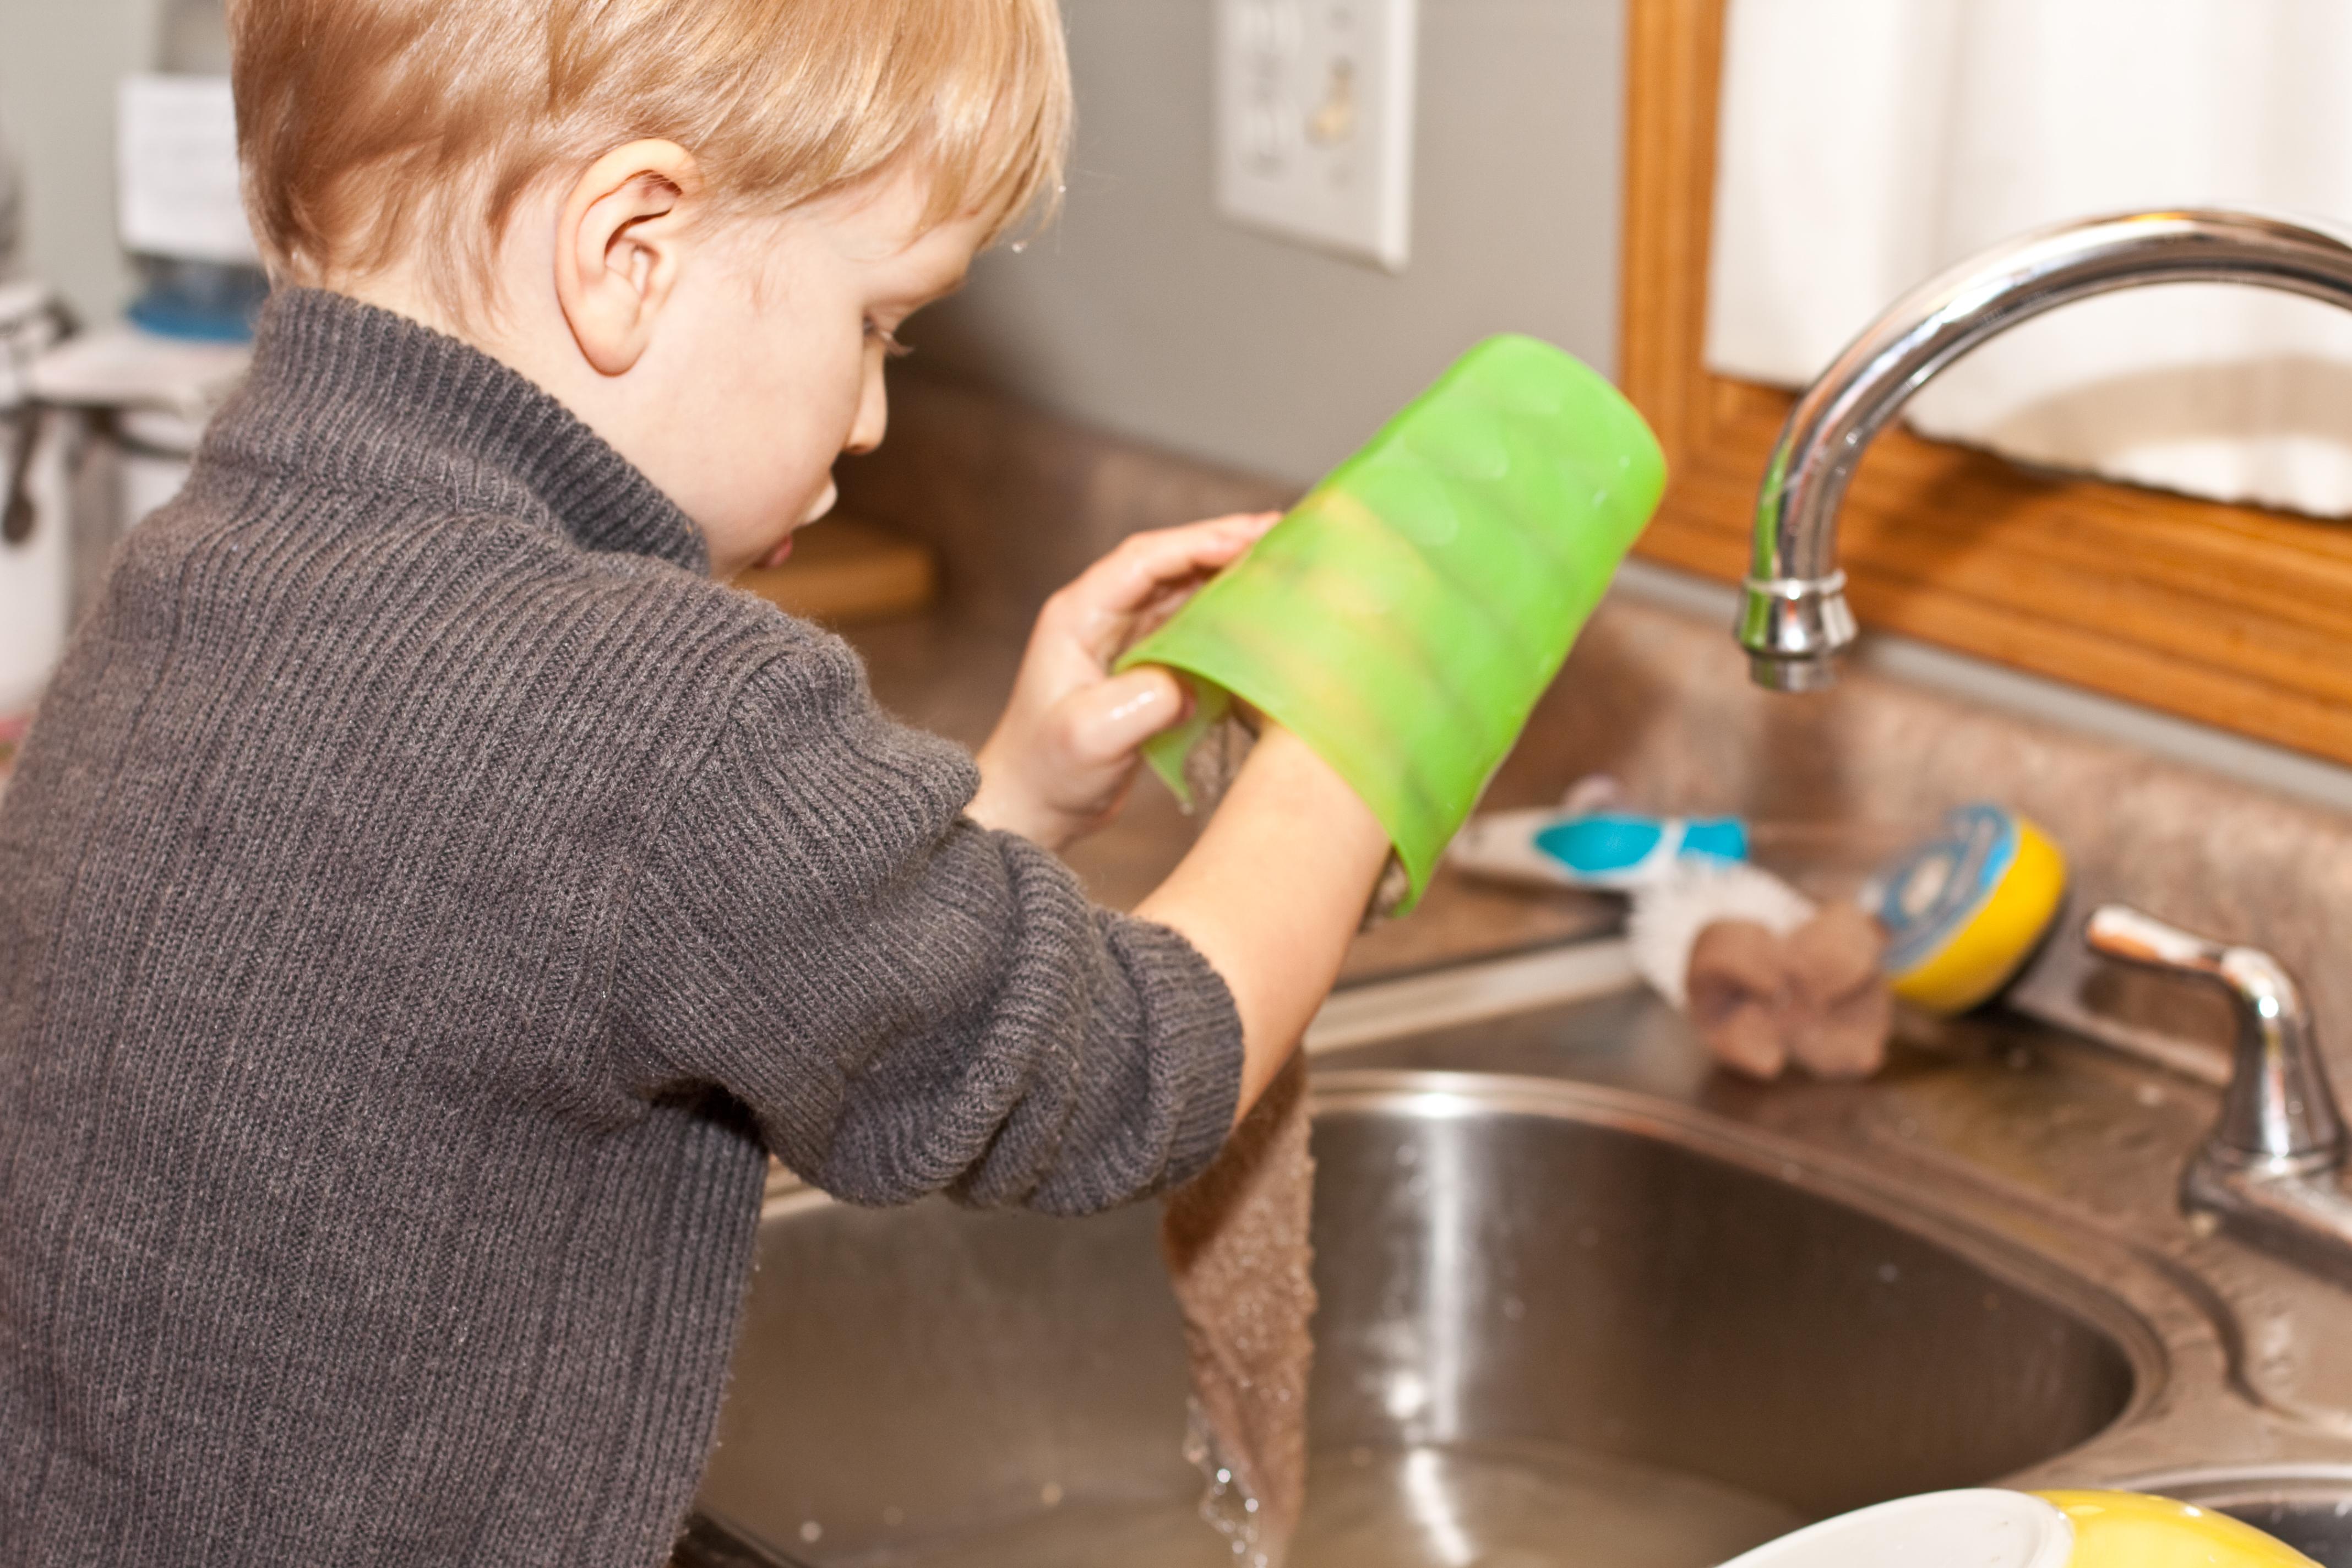 Los niños que ayudan en las tareas de la casa